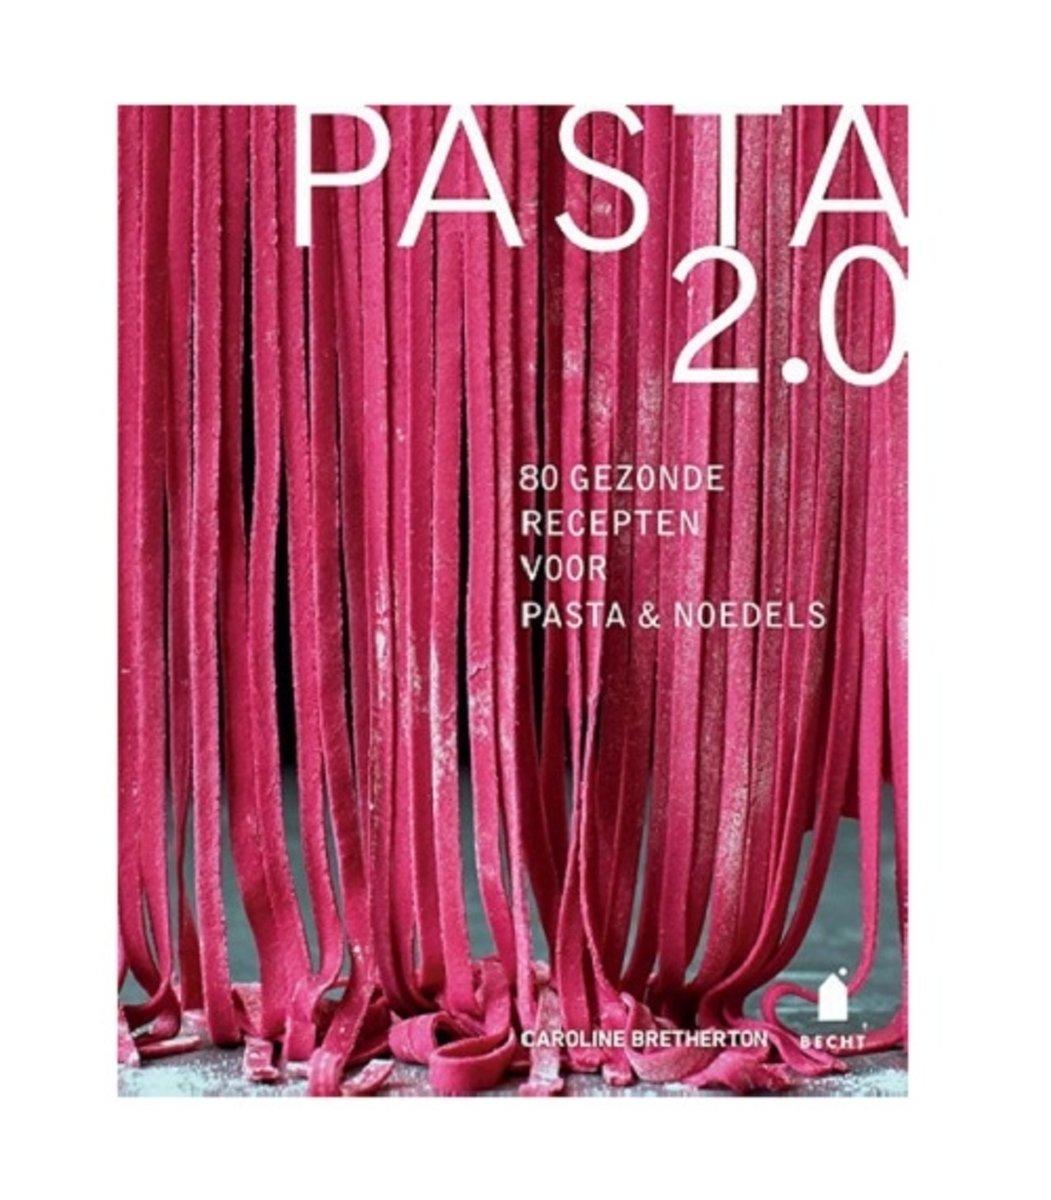 Pasta 2.0 - De Leesclub van Alles